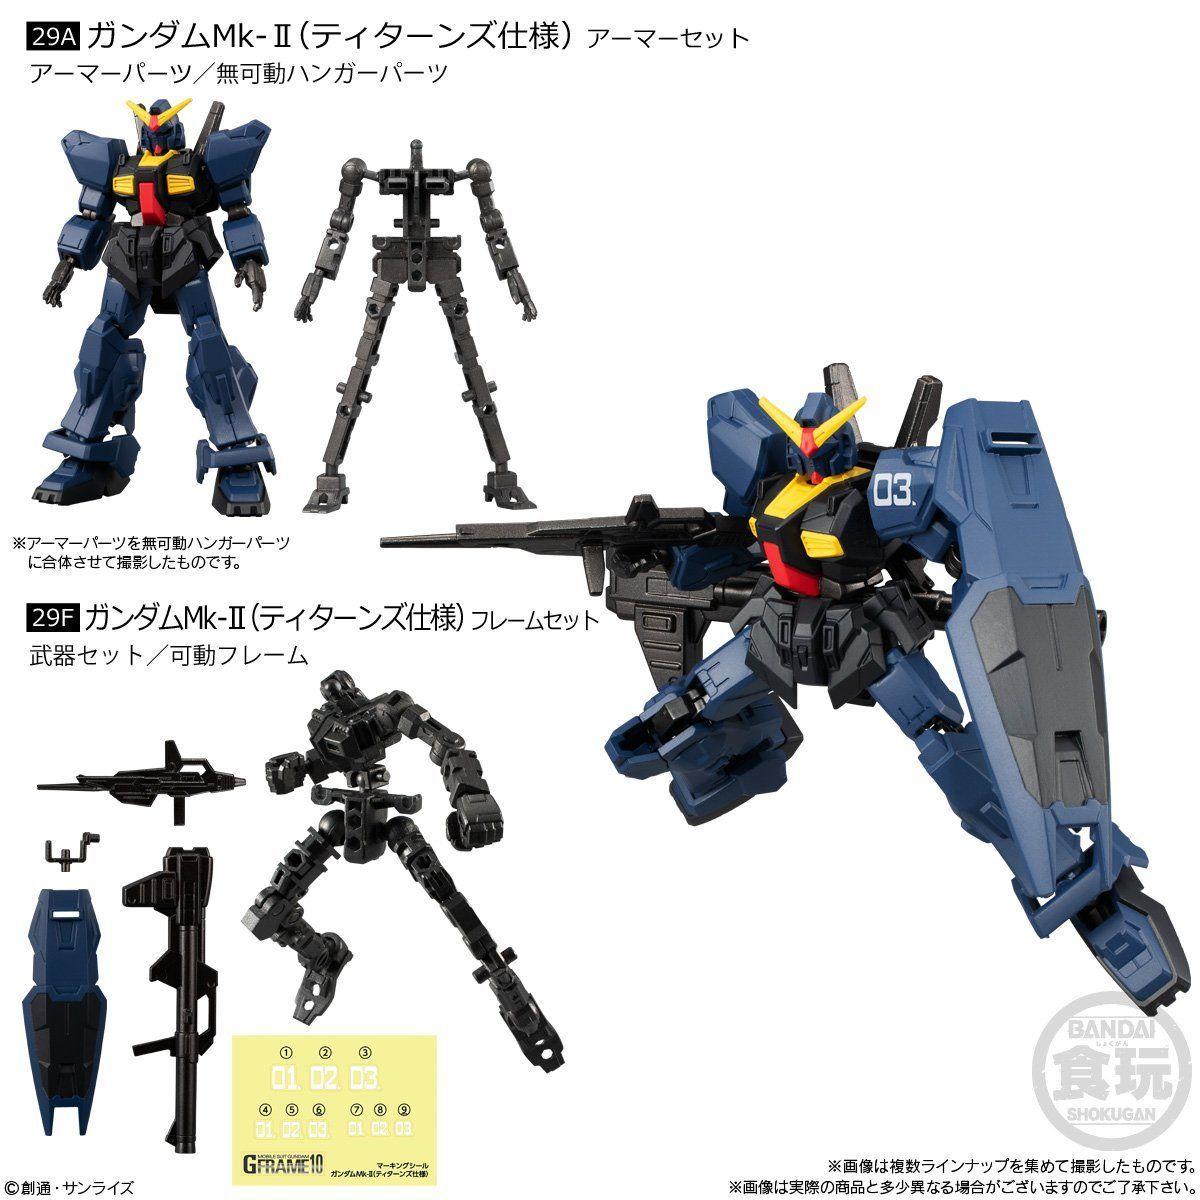 【食玩】機動戦士ガンダム『Gフレーム10』可動フィギュア 10個入りBOX-002